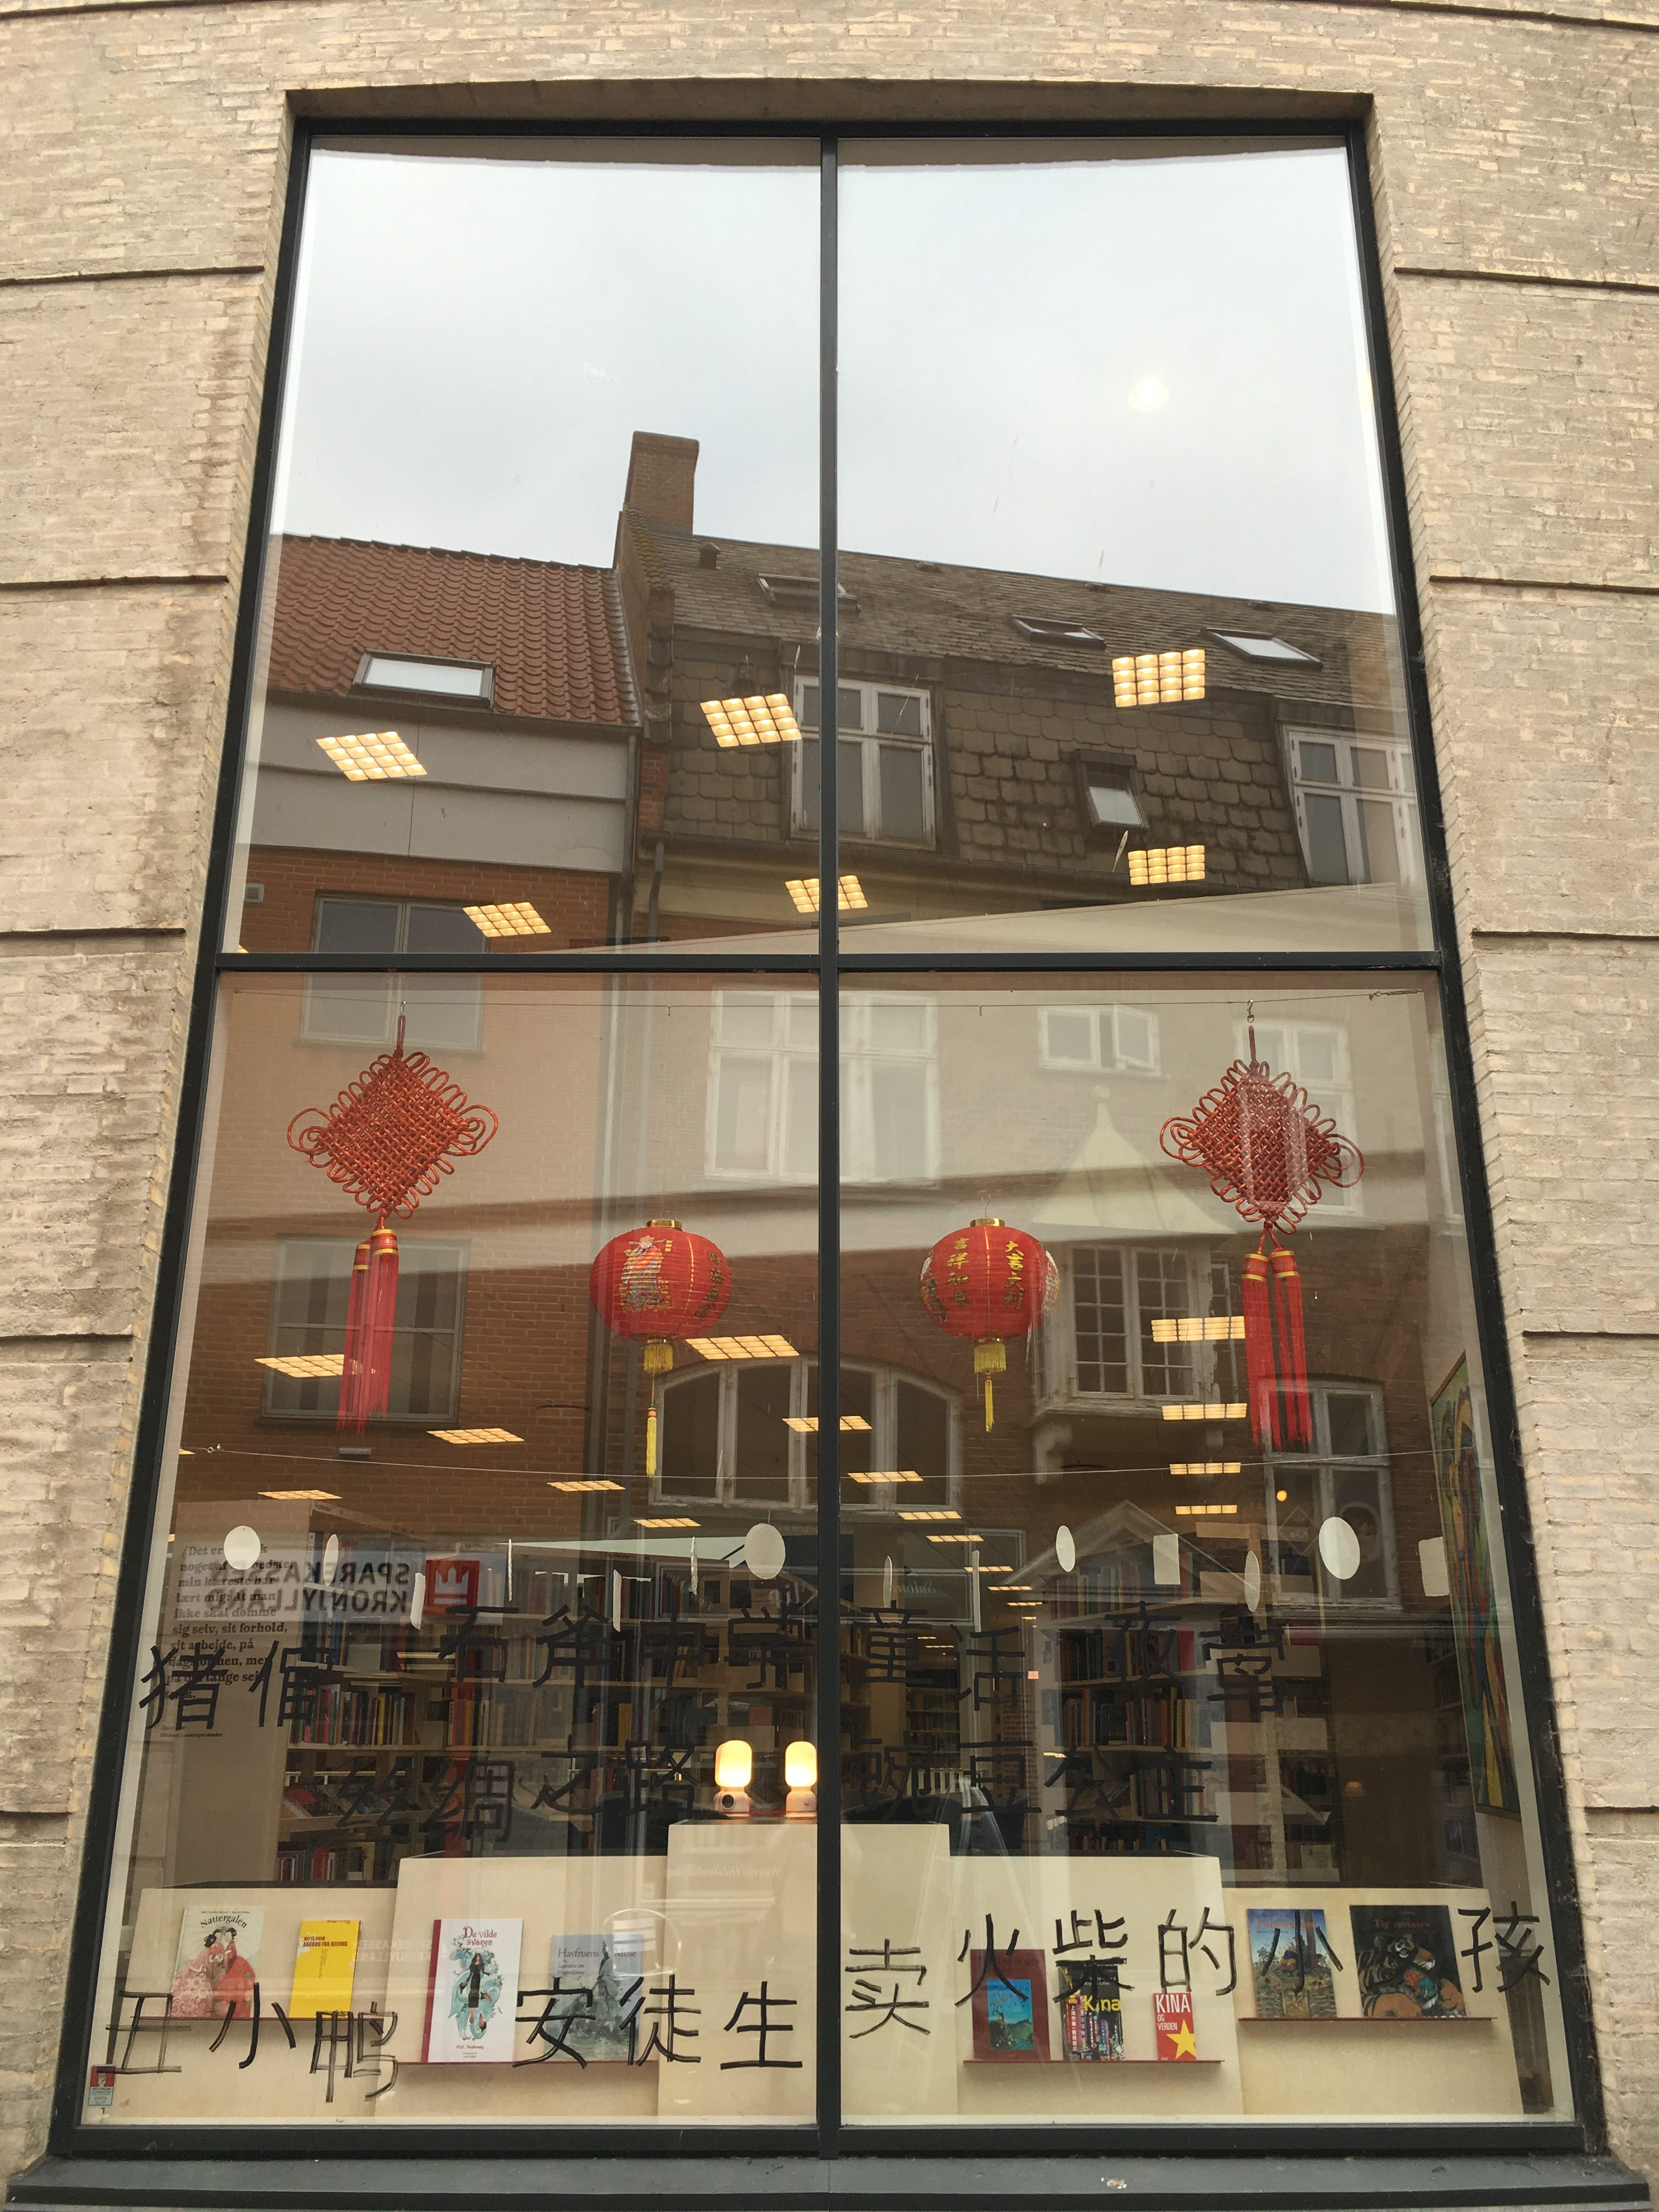 Holbæk Biblioteks udstillingsvindue med Kina som tema under Holbæks Kina festival i september 2016.